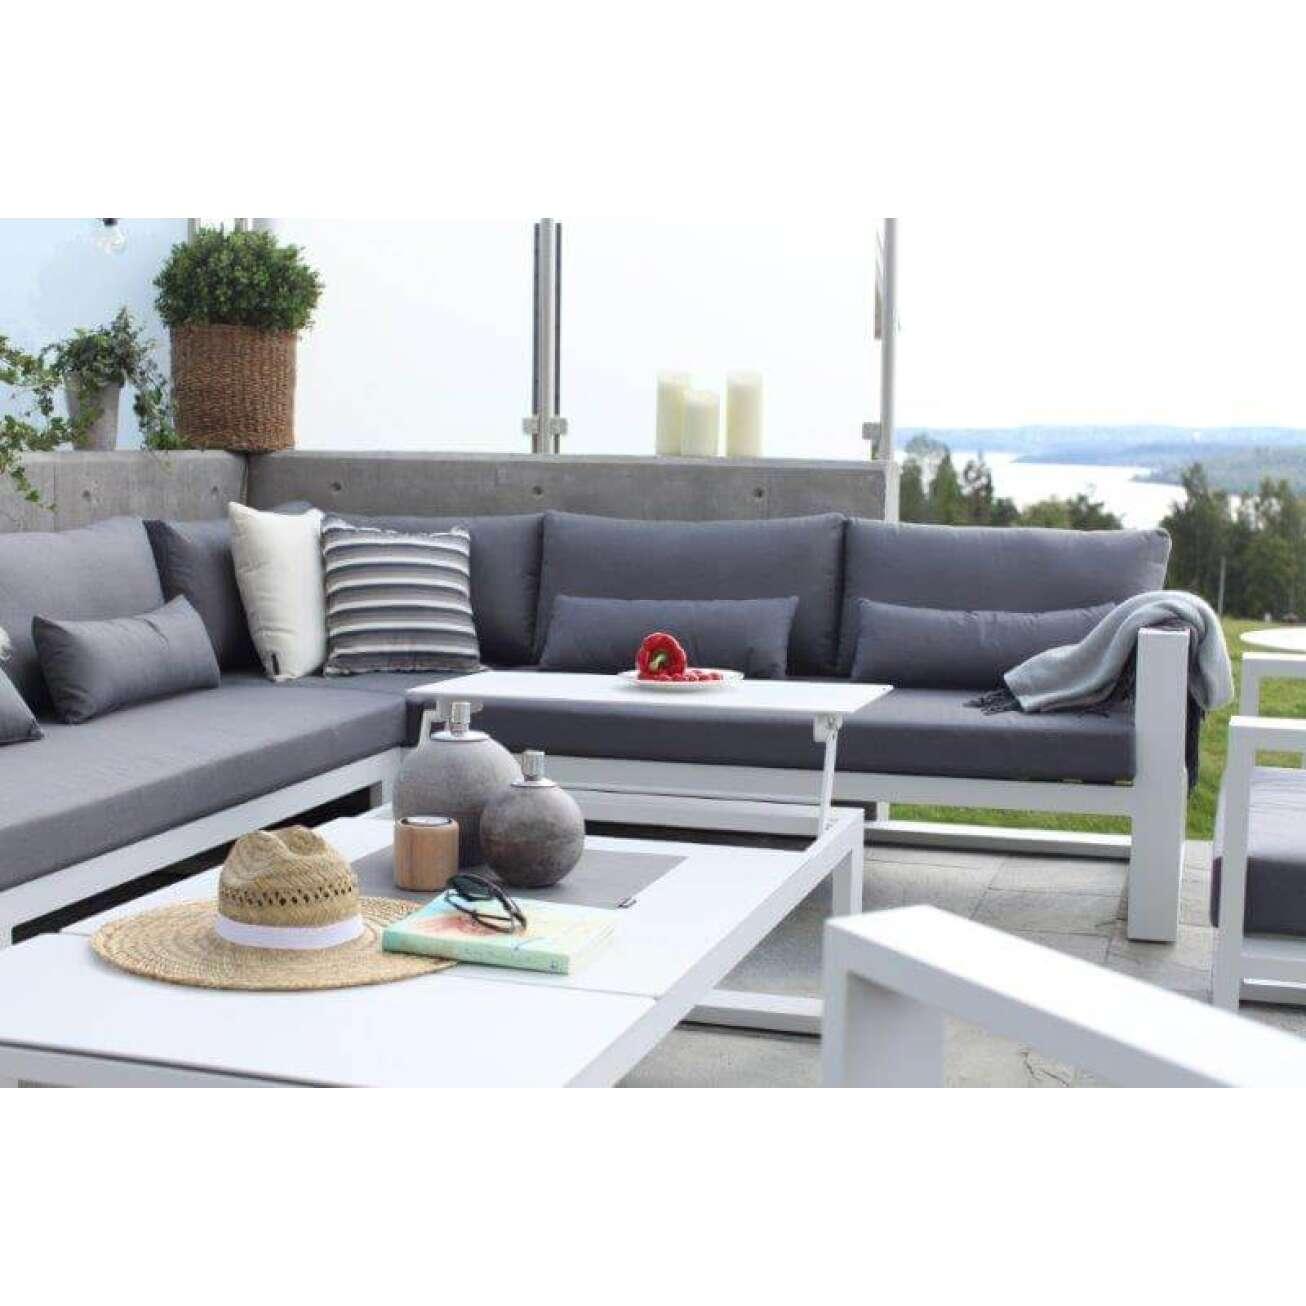 Sofagruppe i grå tekstil og hvit ramme og hvitt Gardenart sofabord med oppløft på koselig balkong med utsikt